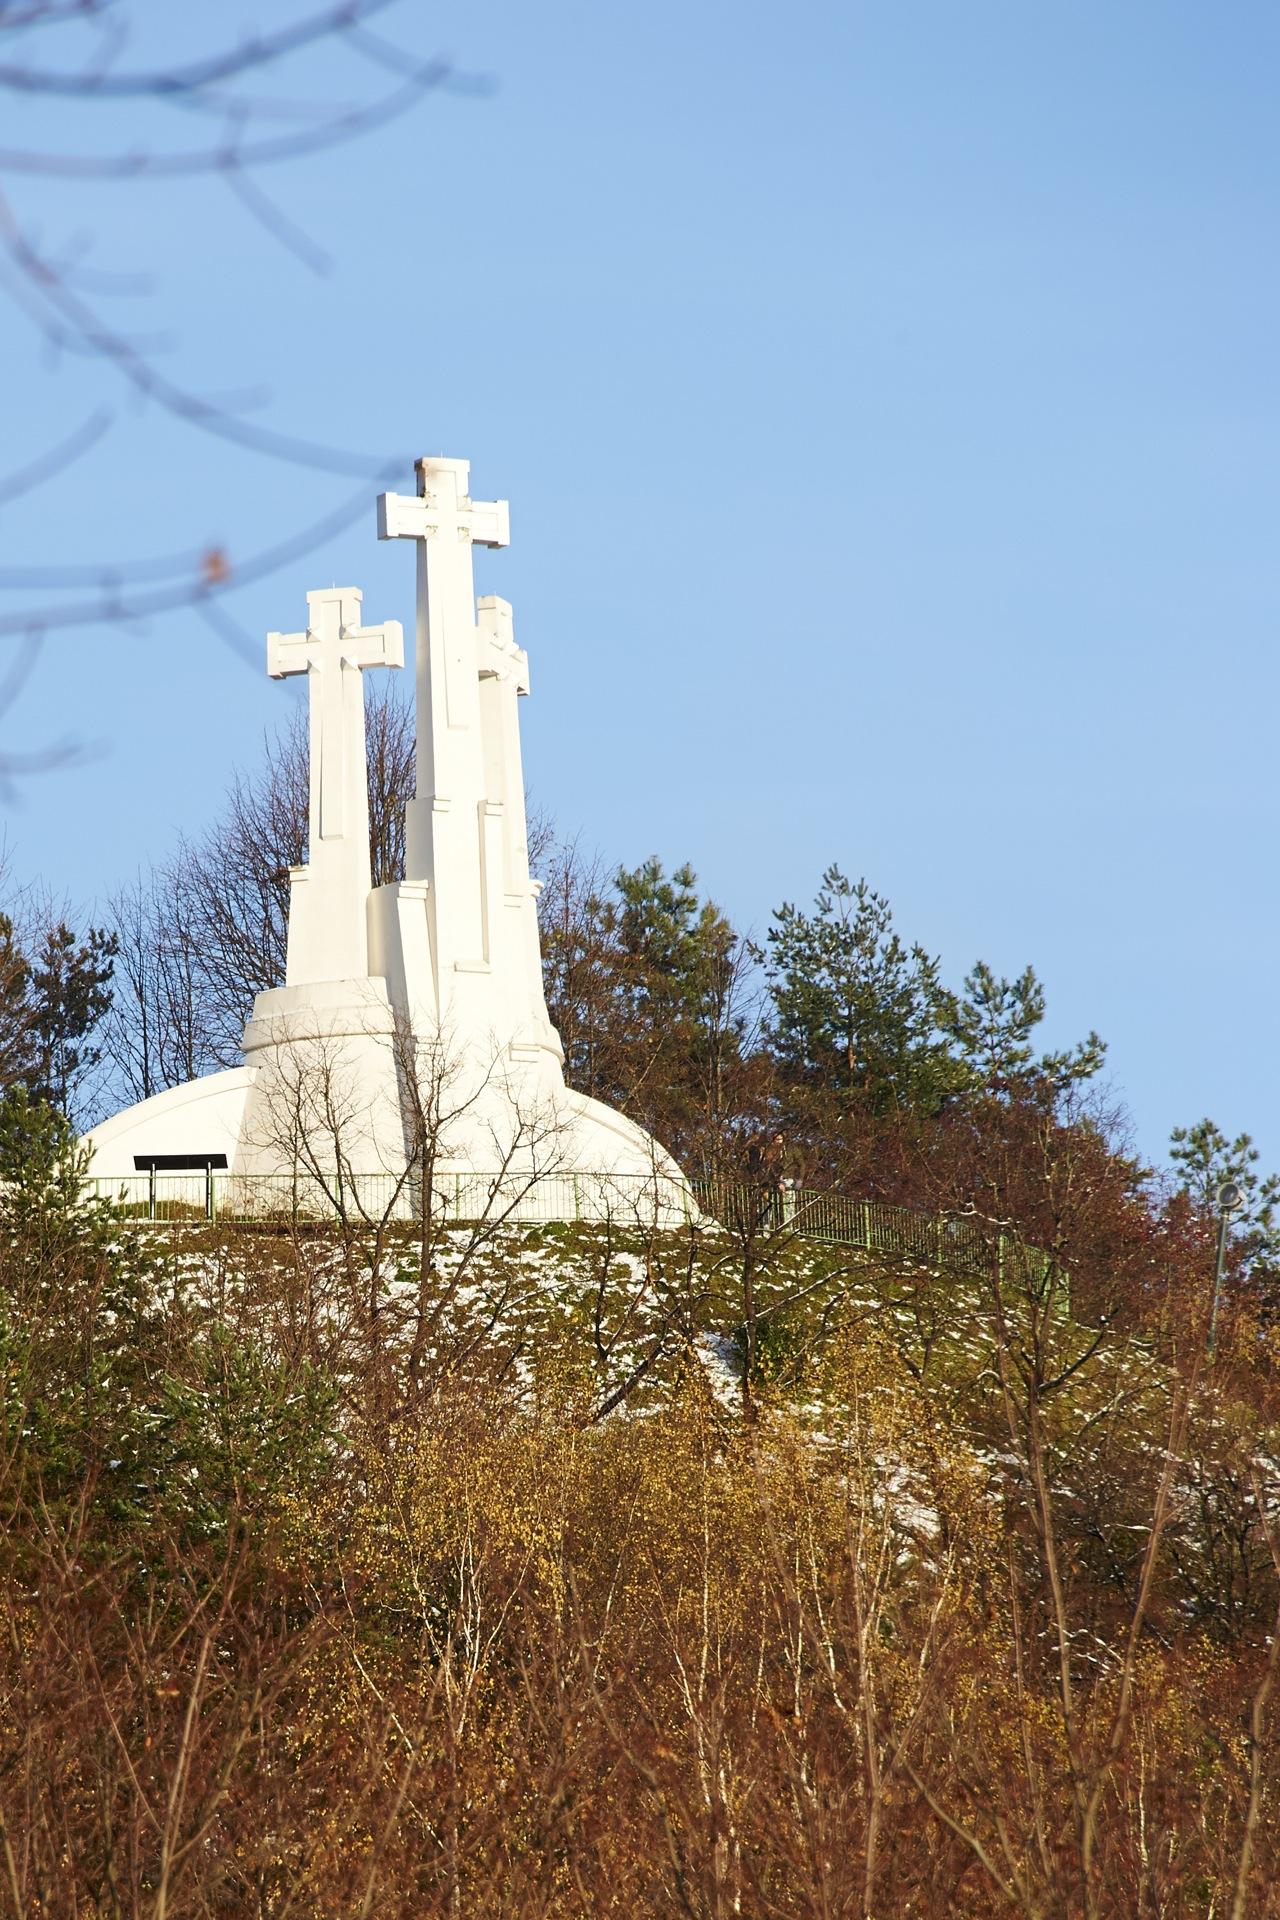 Bild: Die Drei Kreuze in Vilnius wurden zum Gedenken an drei ermordete Mönche errichtet. Litauen wurde erst im 15. Jahrhundert christianisiert.